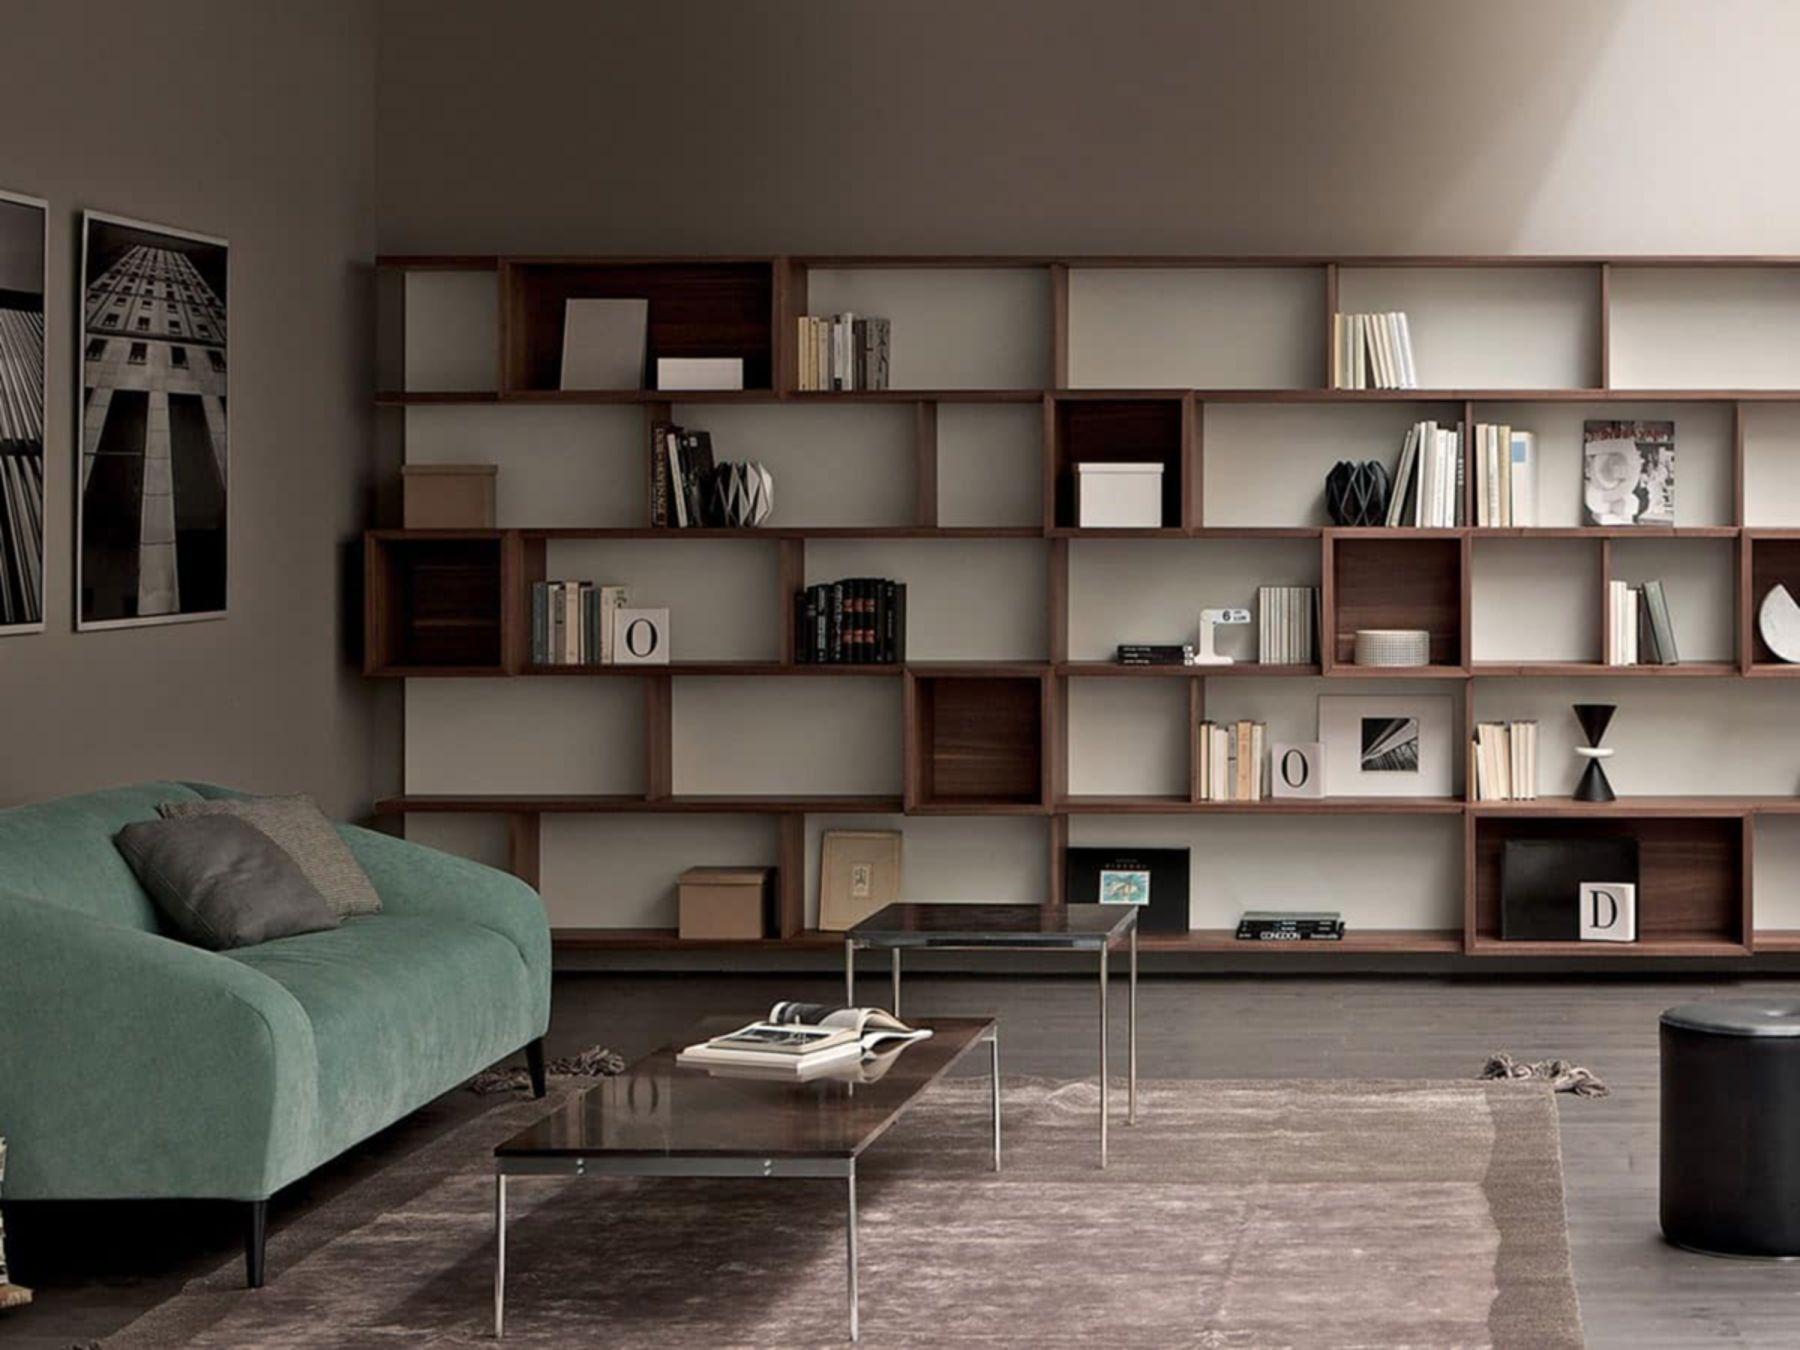 Incredible Wall Shelves Design Ideas For Living Room Bosidolot Wall Bookshelves Bookcase Wall Unit Bookcase Wall Living room bookshelf wall